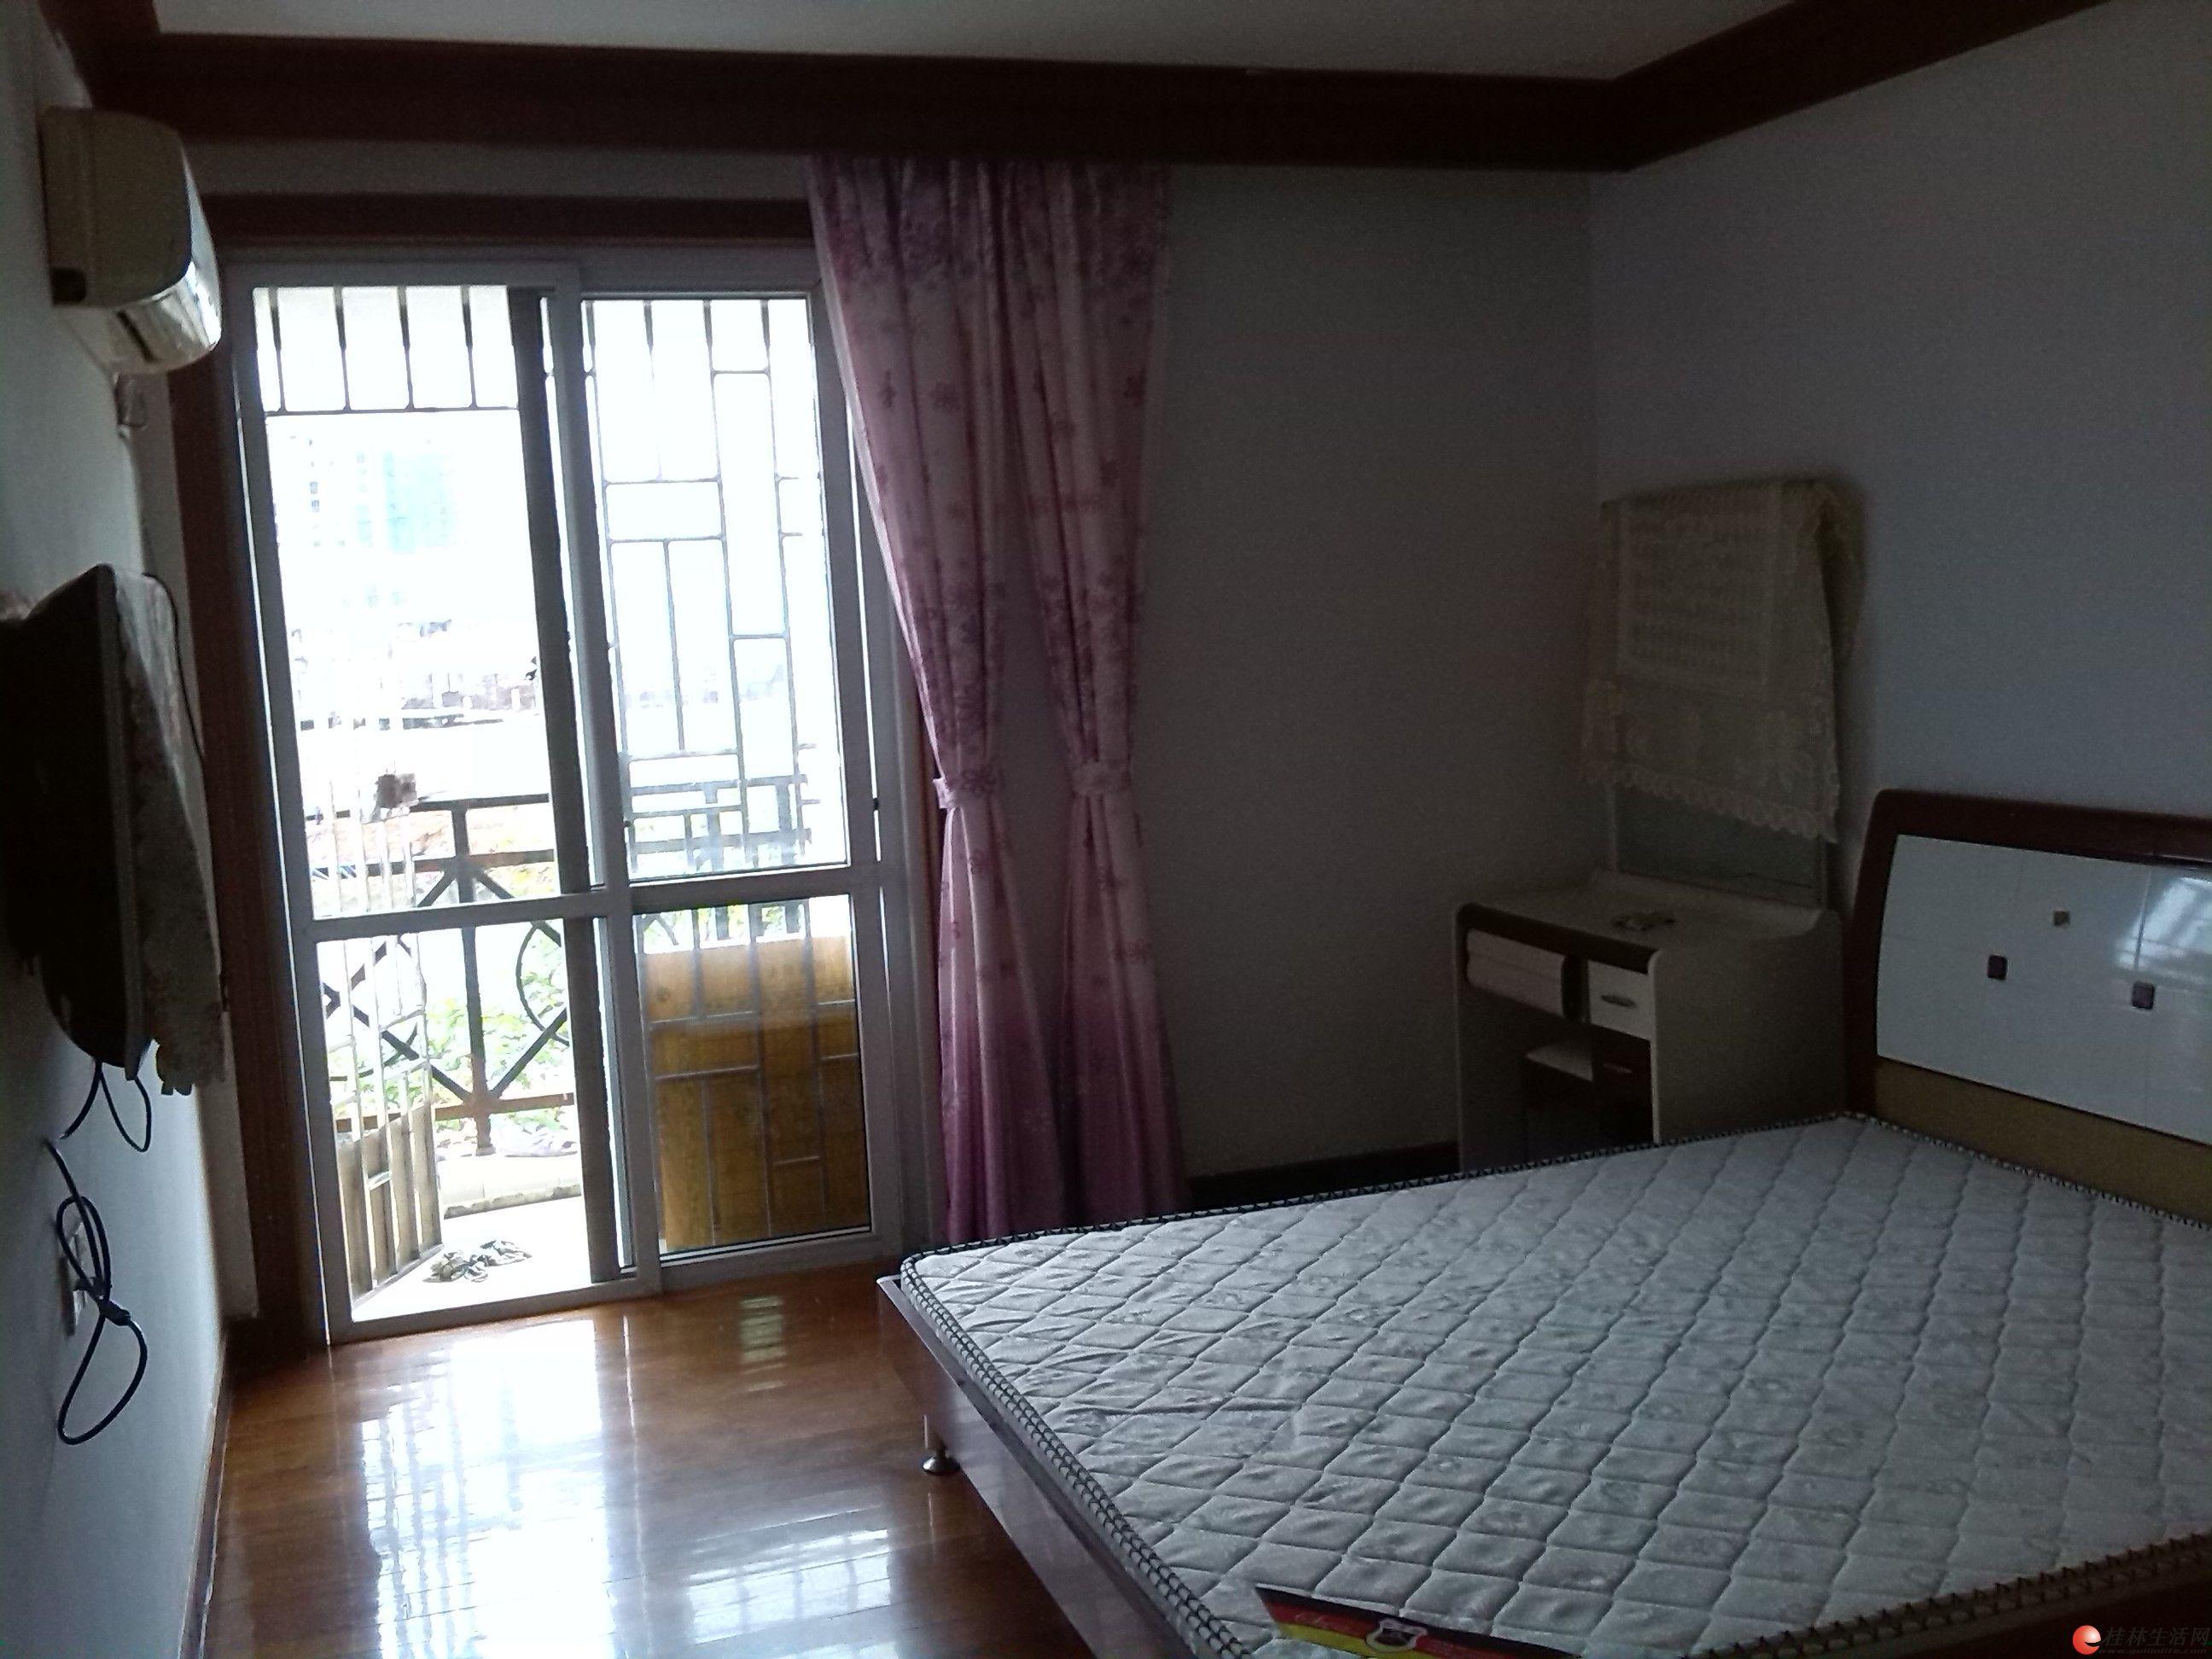 房型设计不错,三房两厅两卫,客厅瓷砖,房间全实木地板,主卧和客高清图片